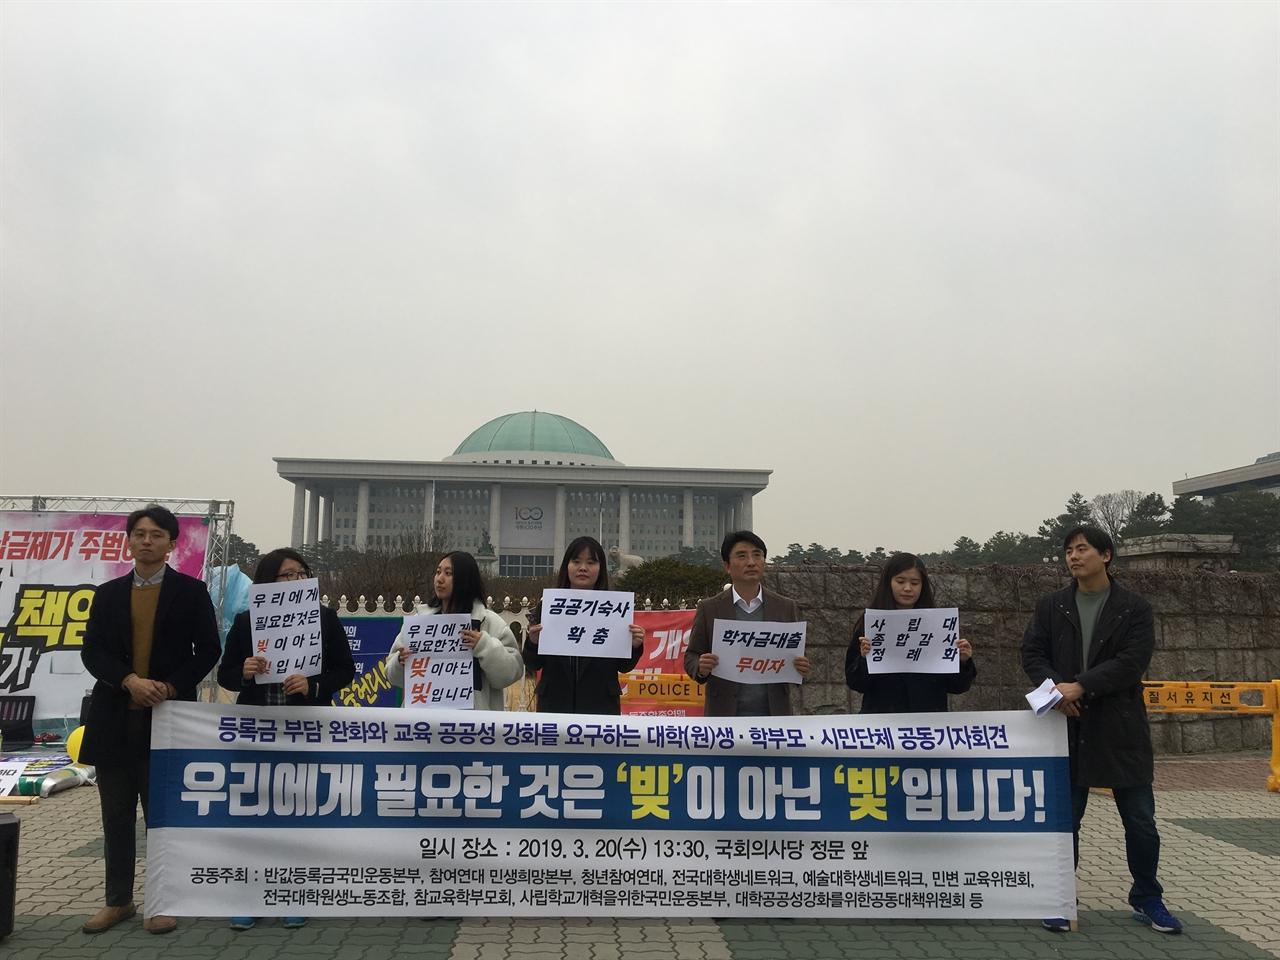 20일 국회 앞에서 대학생, 대학원생,학부모, 교육 시민단체 등은 등록금 부담 완하와 교육 공공성 강화를 요구하는 기자회견을 개최했다.